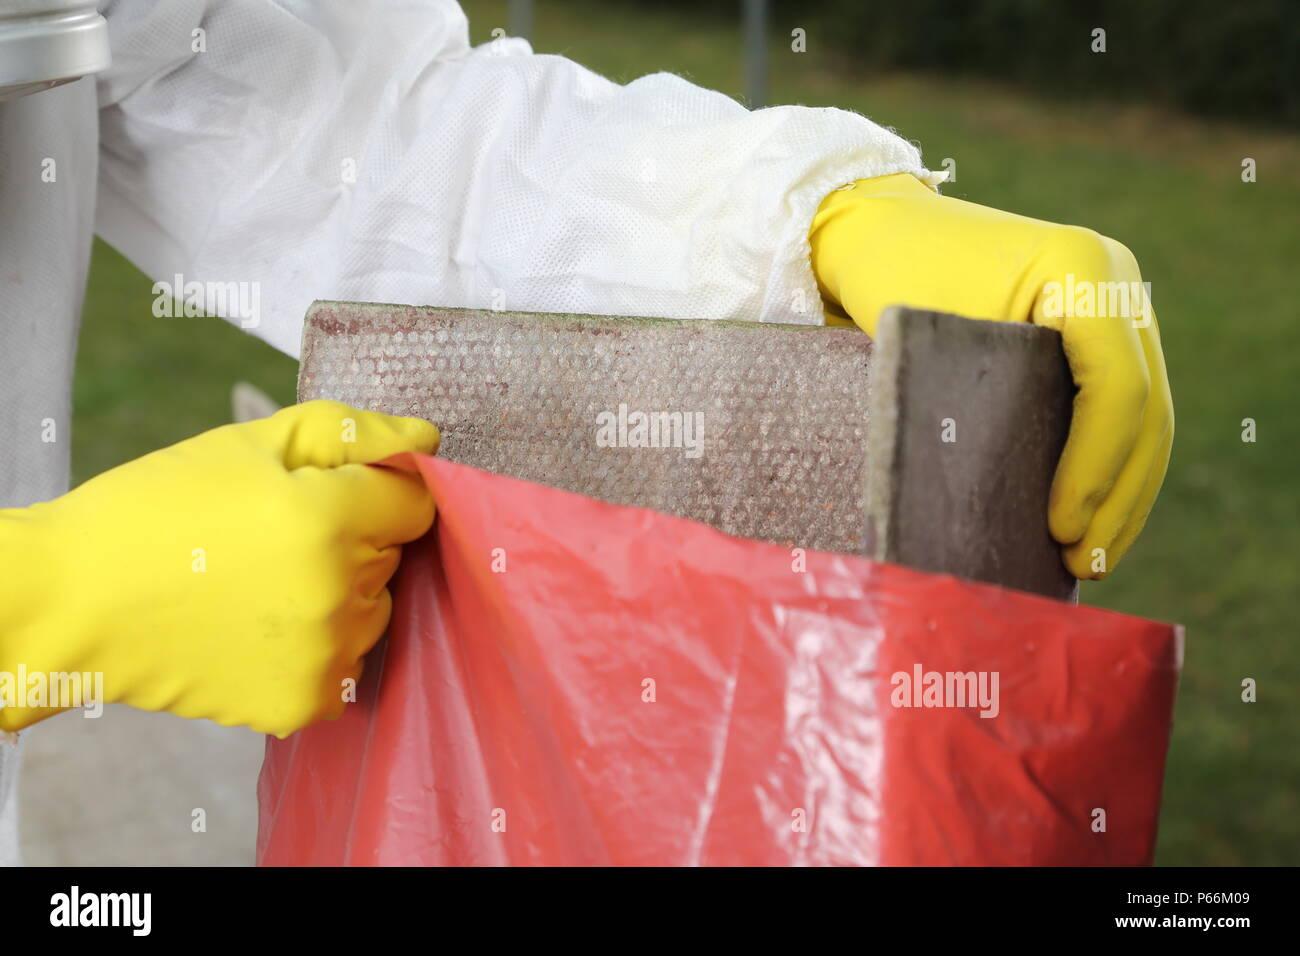 A Disposal of Asbestos Material close up - Stock Image